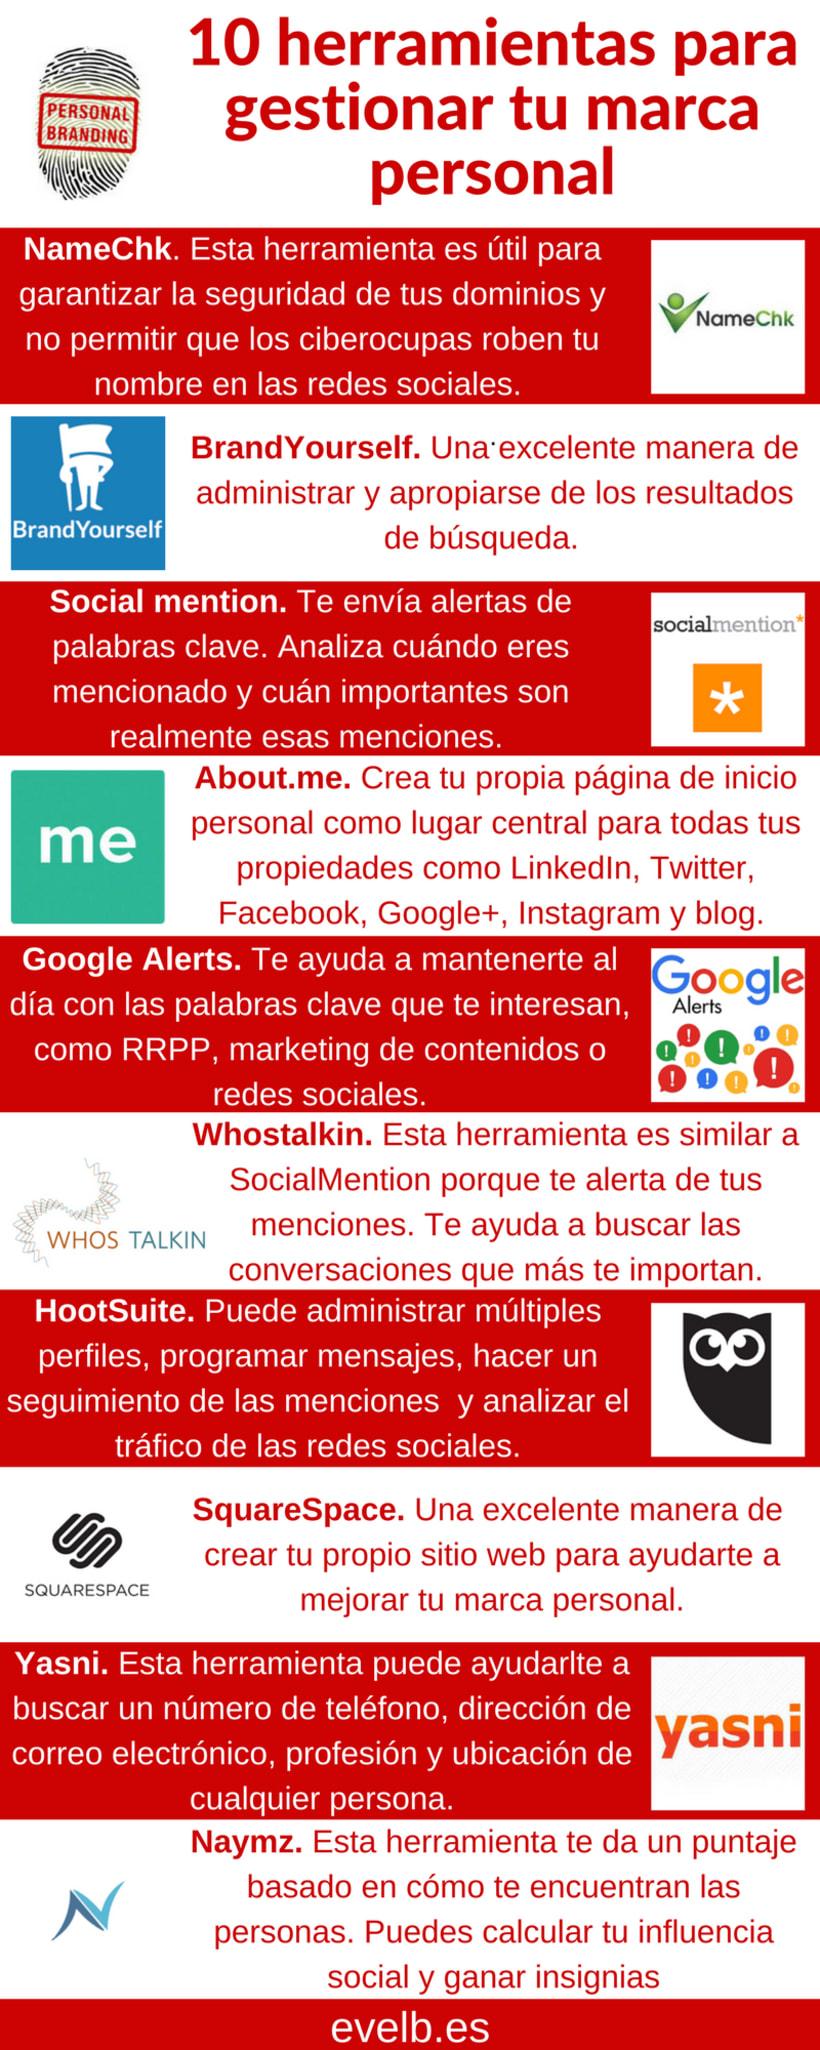 Infografías evelb.es 18